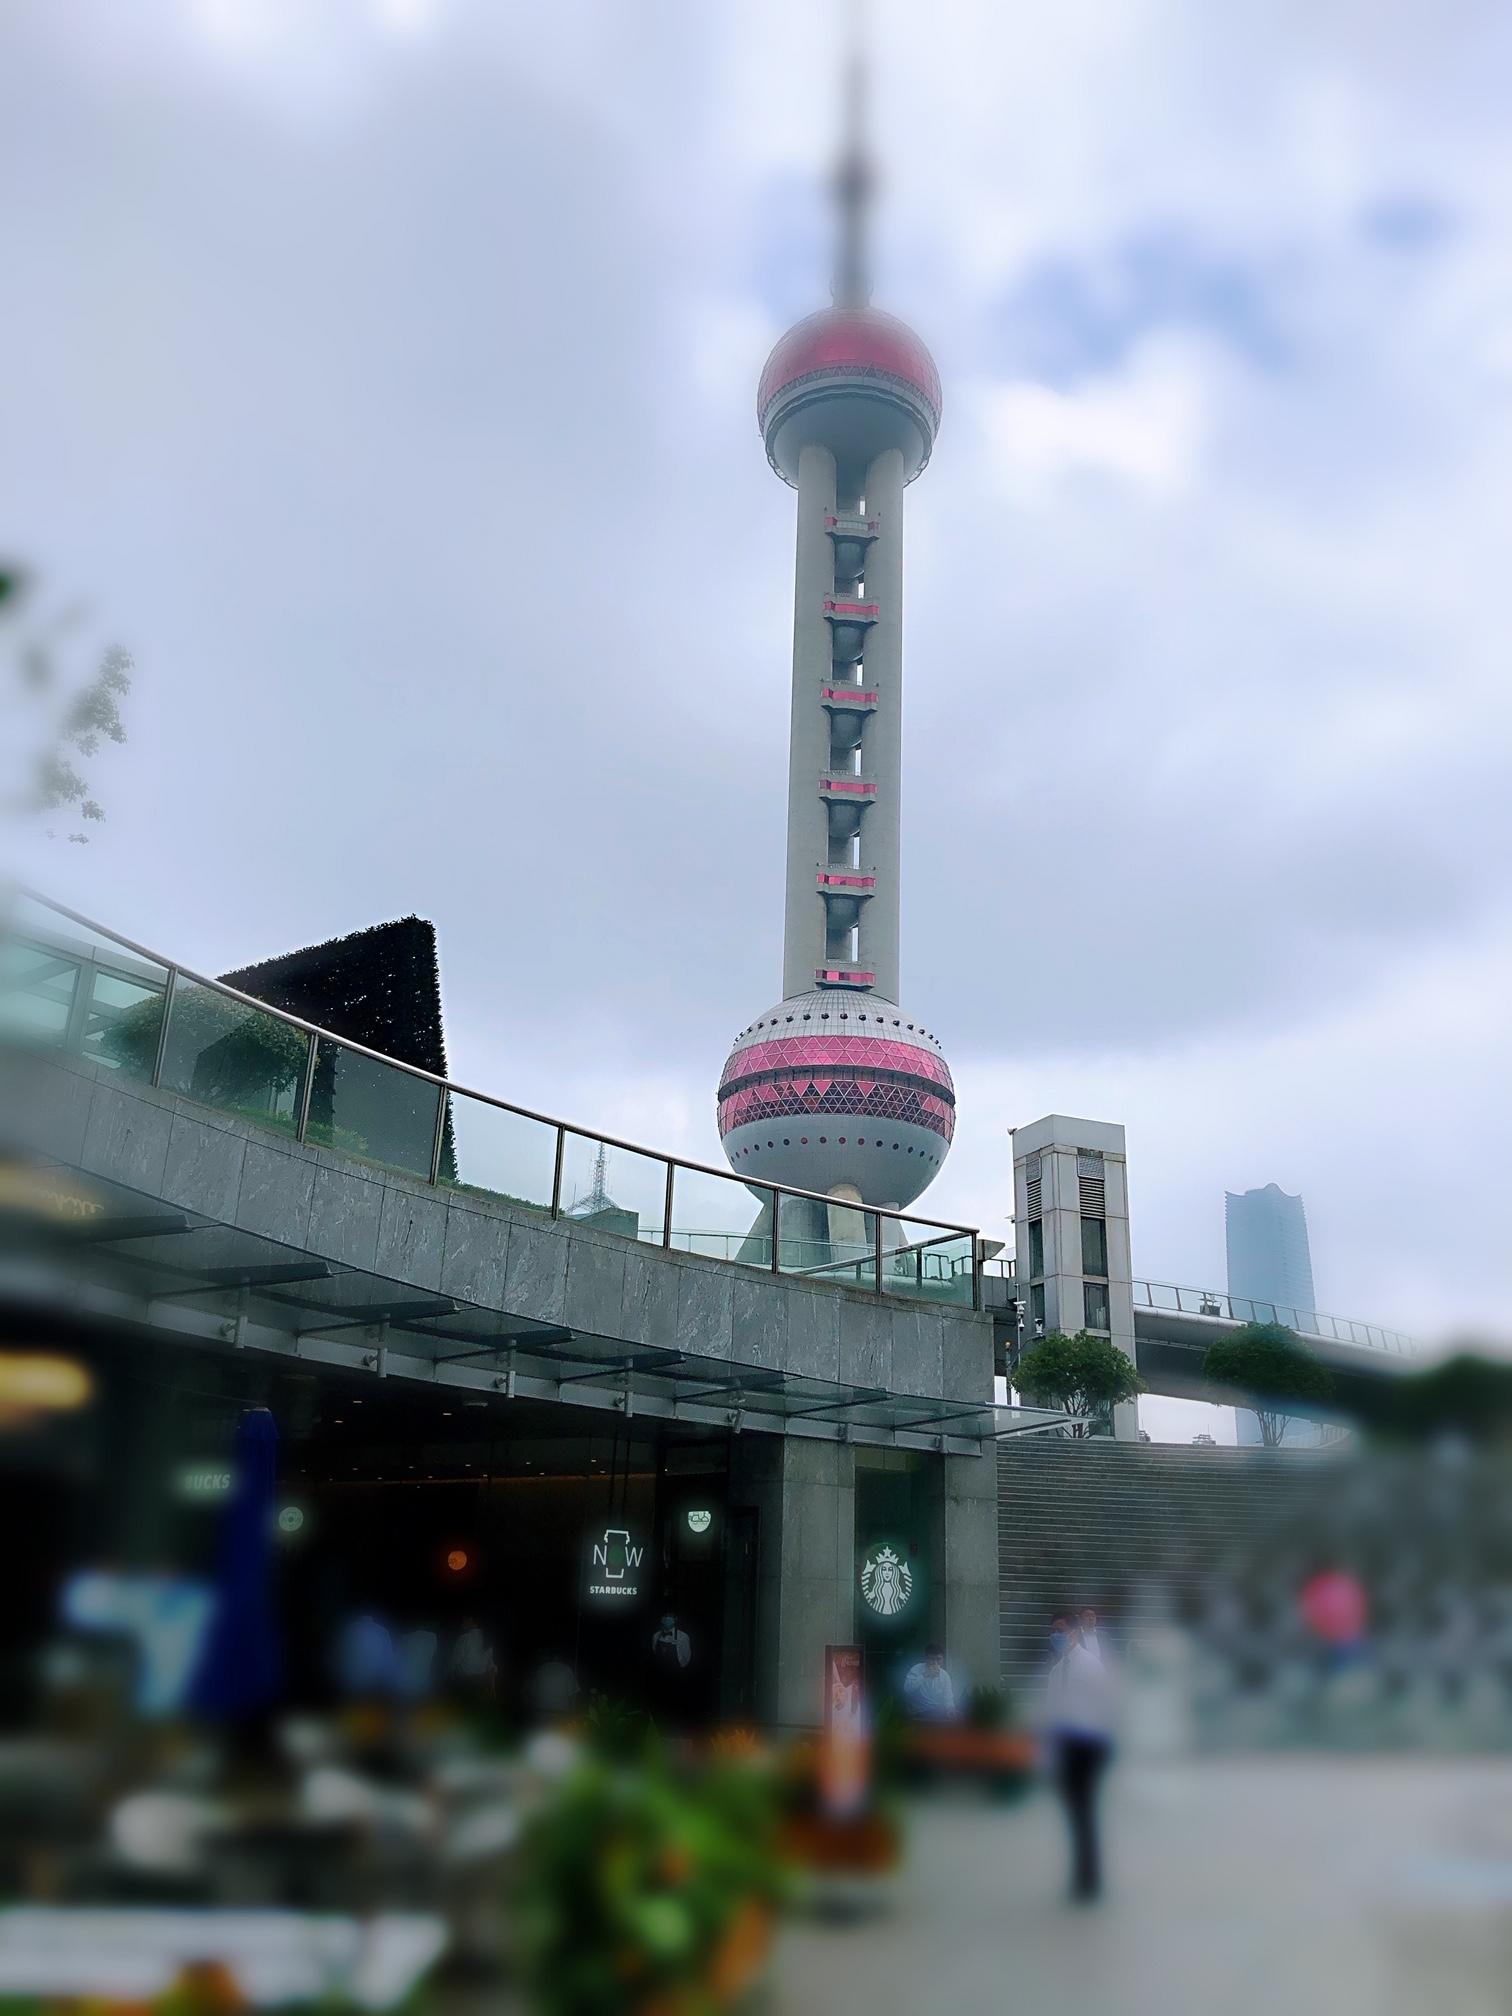 上海・上海のシンボルである東方テレビタワーの近くにで景色も抜群!